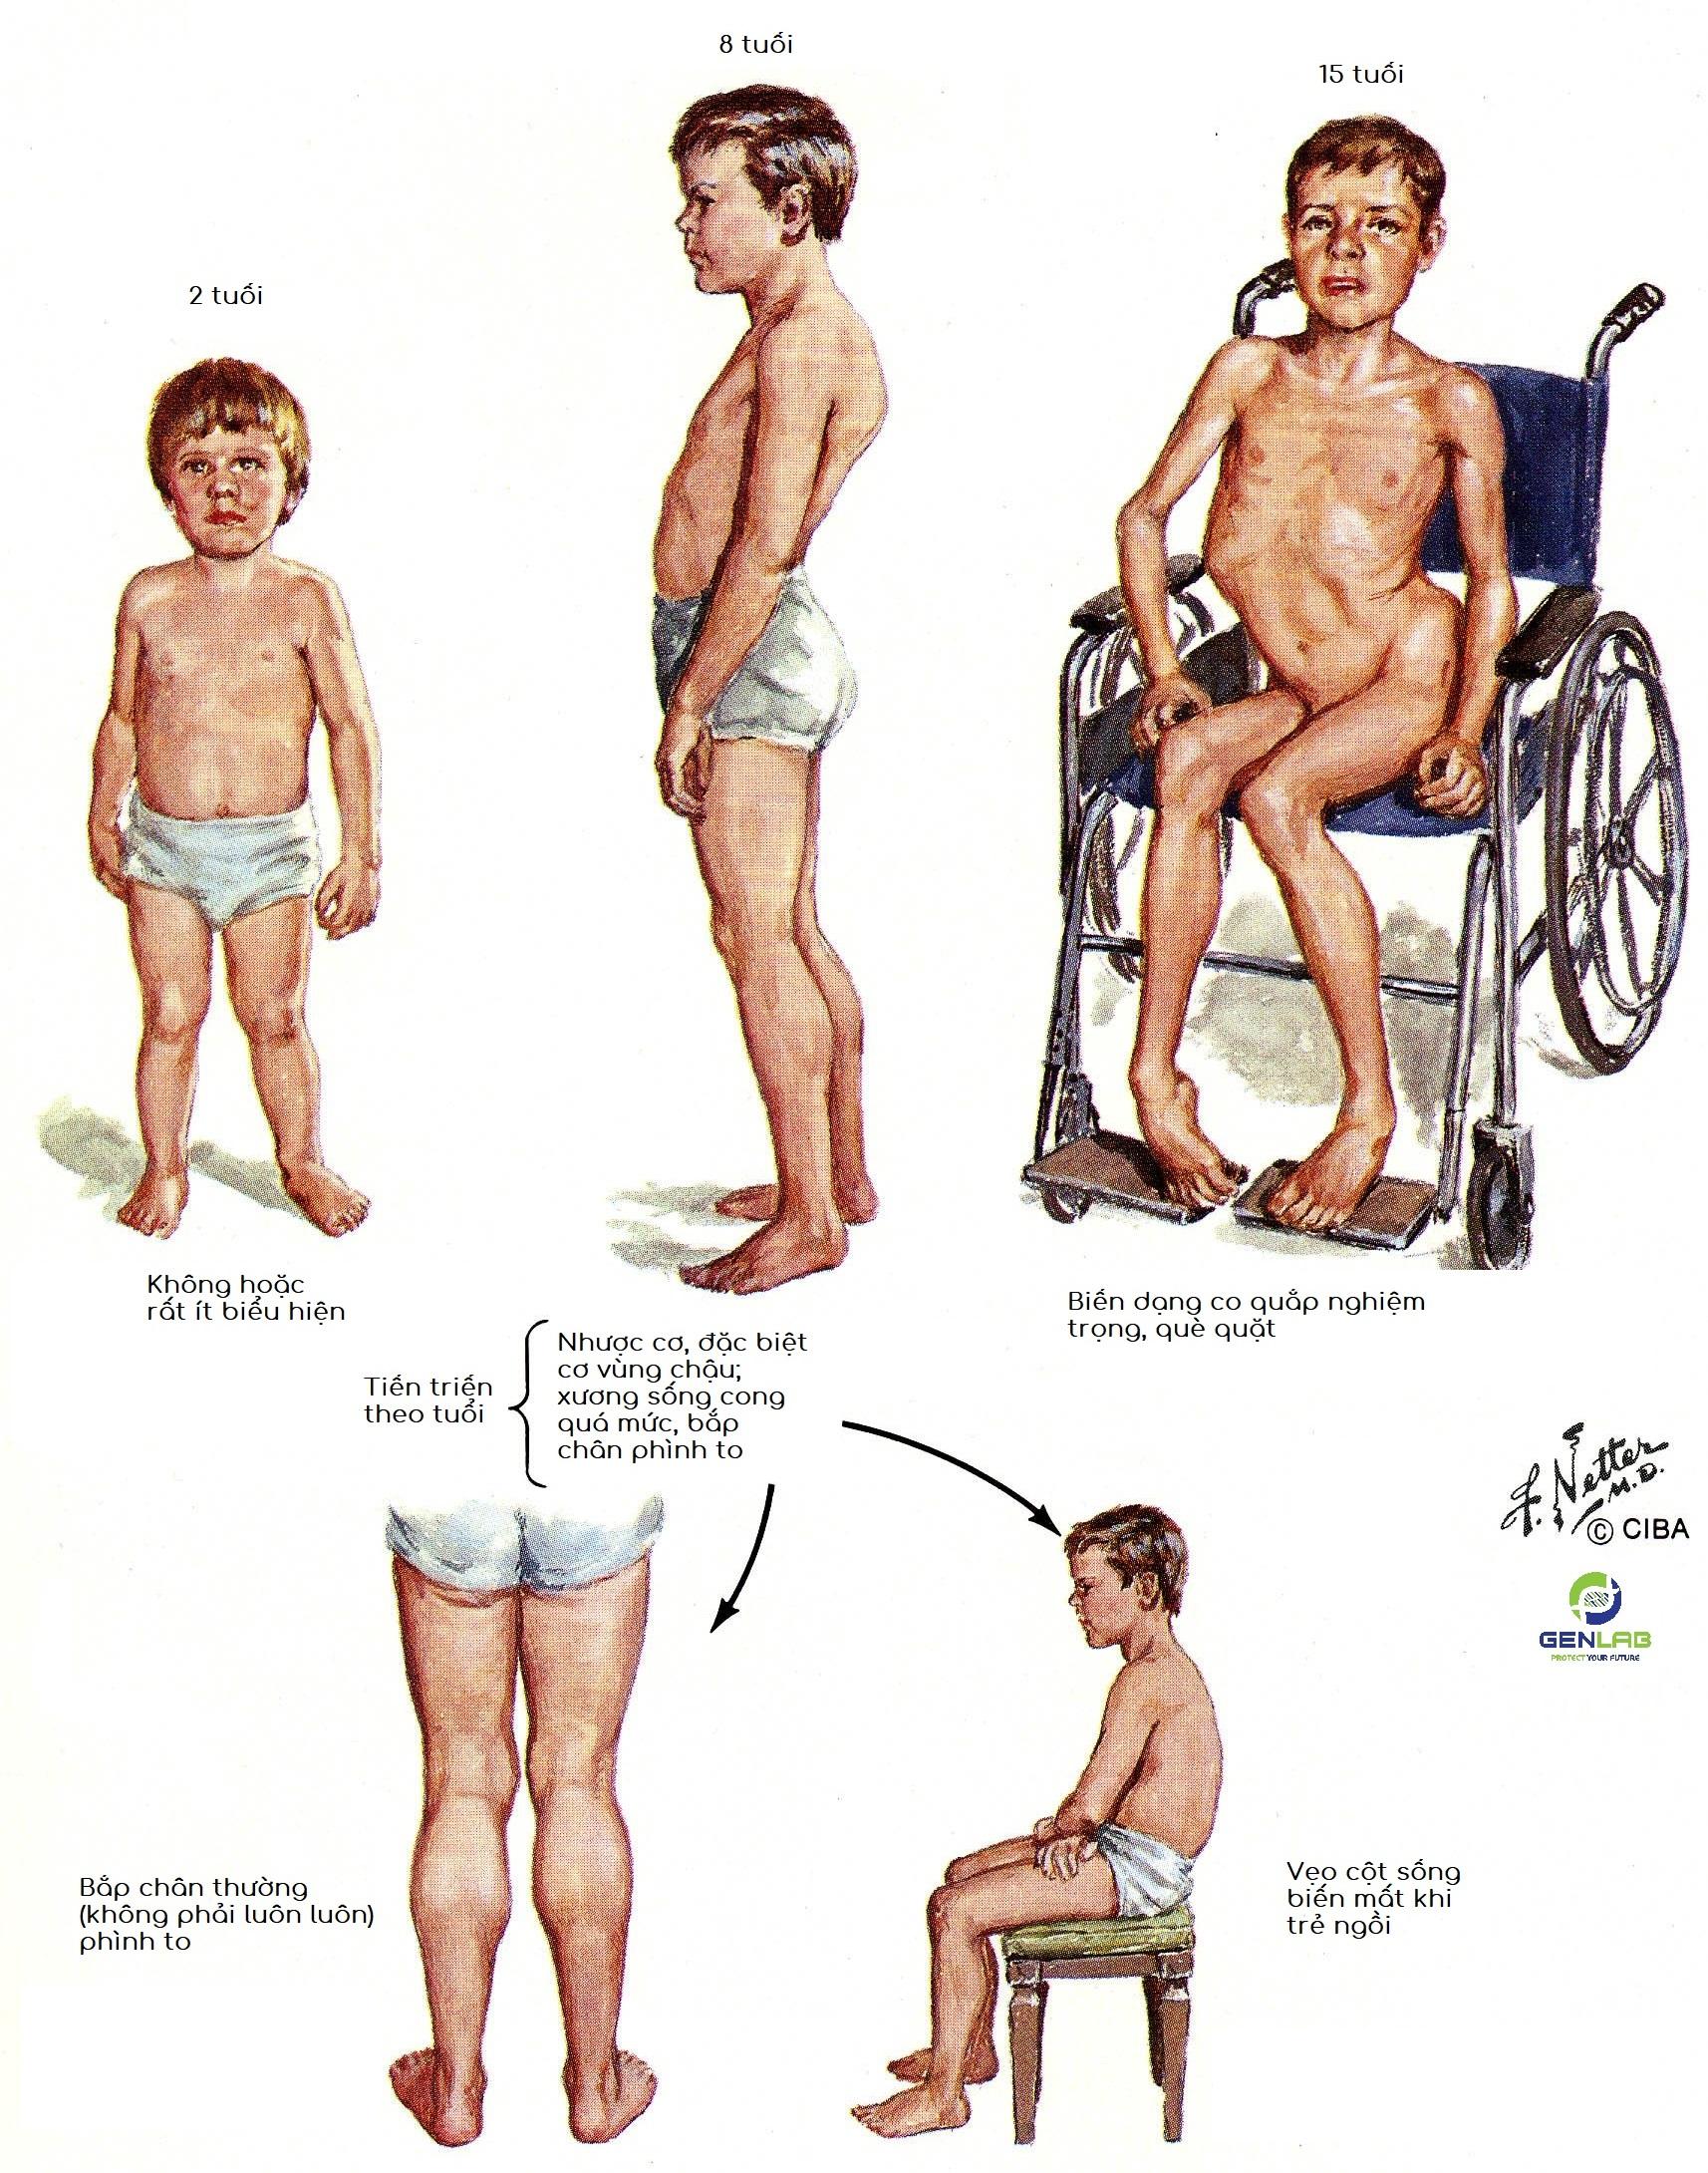 loạn dưỡng cơ Duchenne, loạn dưỡng cơ, bệnh DMD là gì, Duchenne Muscular Dystrophin là gì, hậu quả của bệnh loạn dưỡng cơ